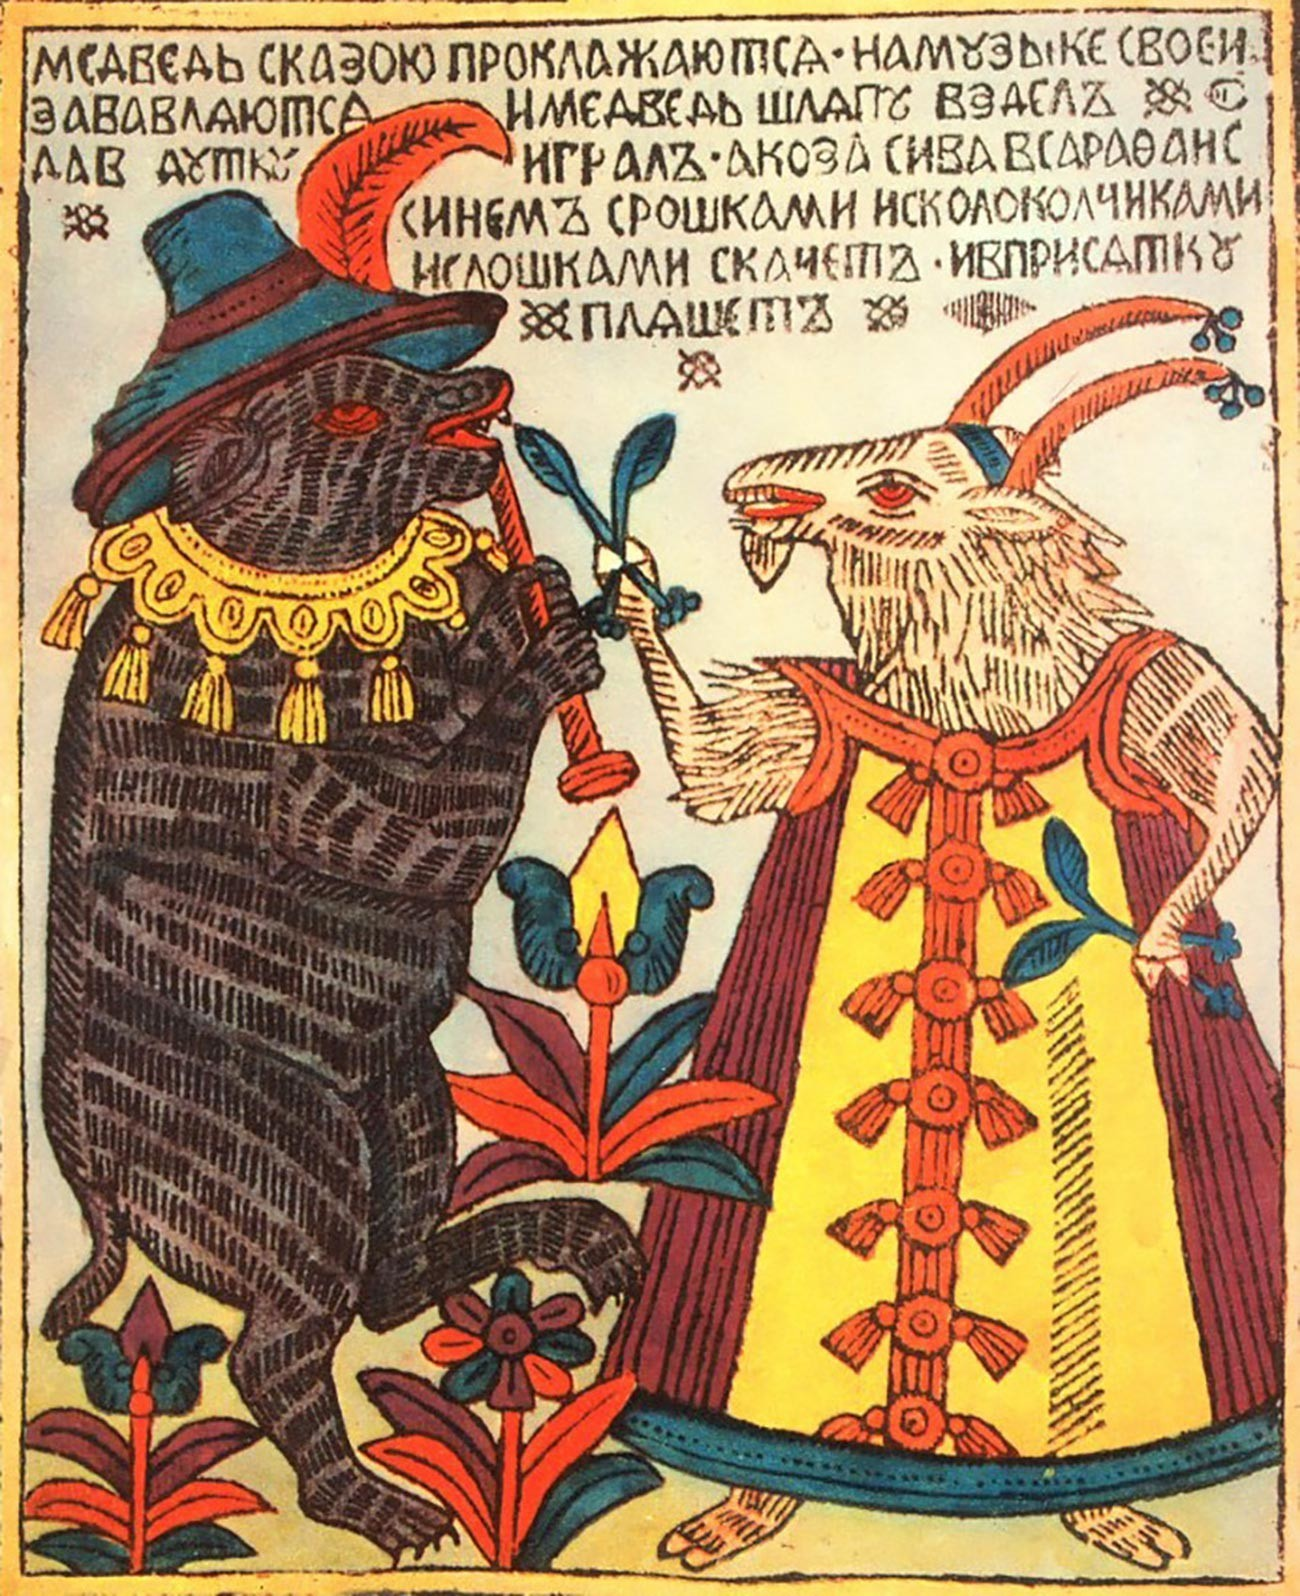 """Lubok do século 18. Na legenda se lê: """"Um urso e uma cabra estão passando o tempo, se divertindo tocando sua música. O urso colocou o chapéu e está soprando o cachimbo, enquanto a cabra cinza colocou um sarafan azul e com suas trombetas, sinos e colheres está pulando e dançando""""."""